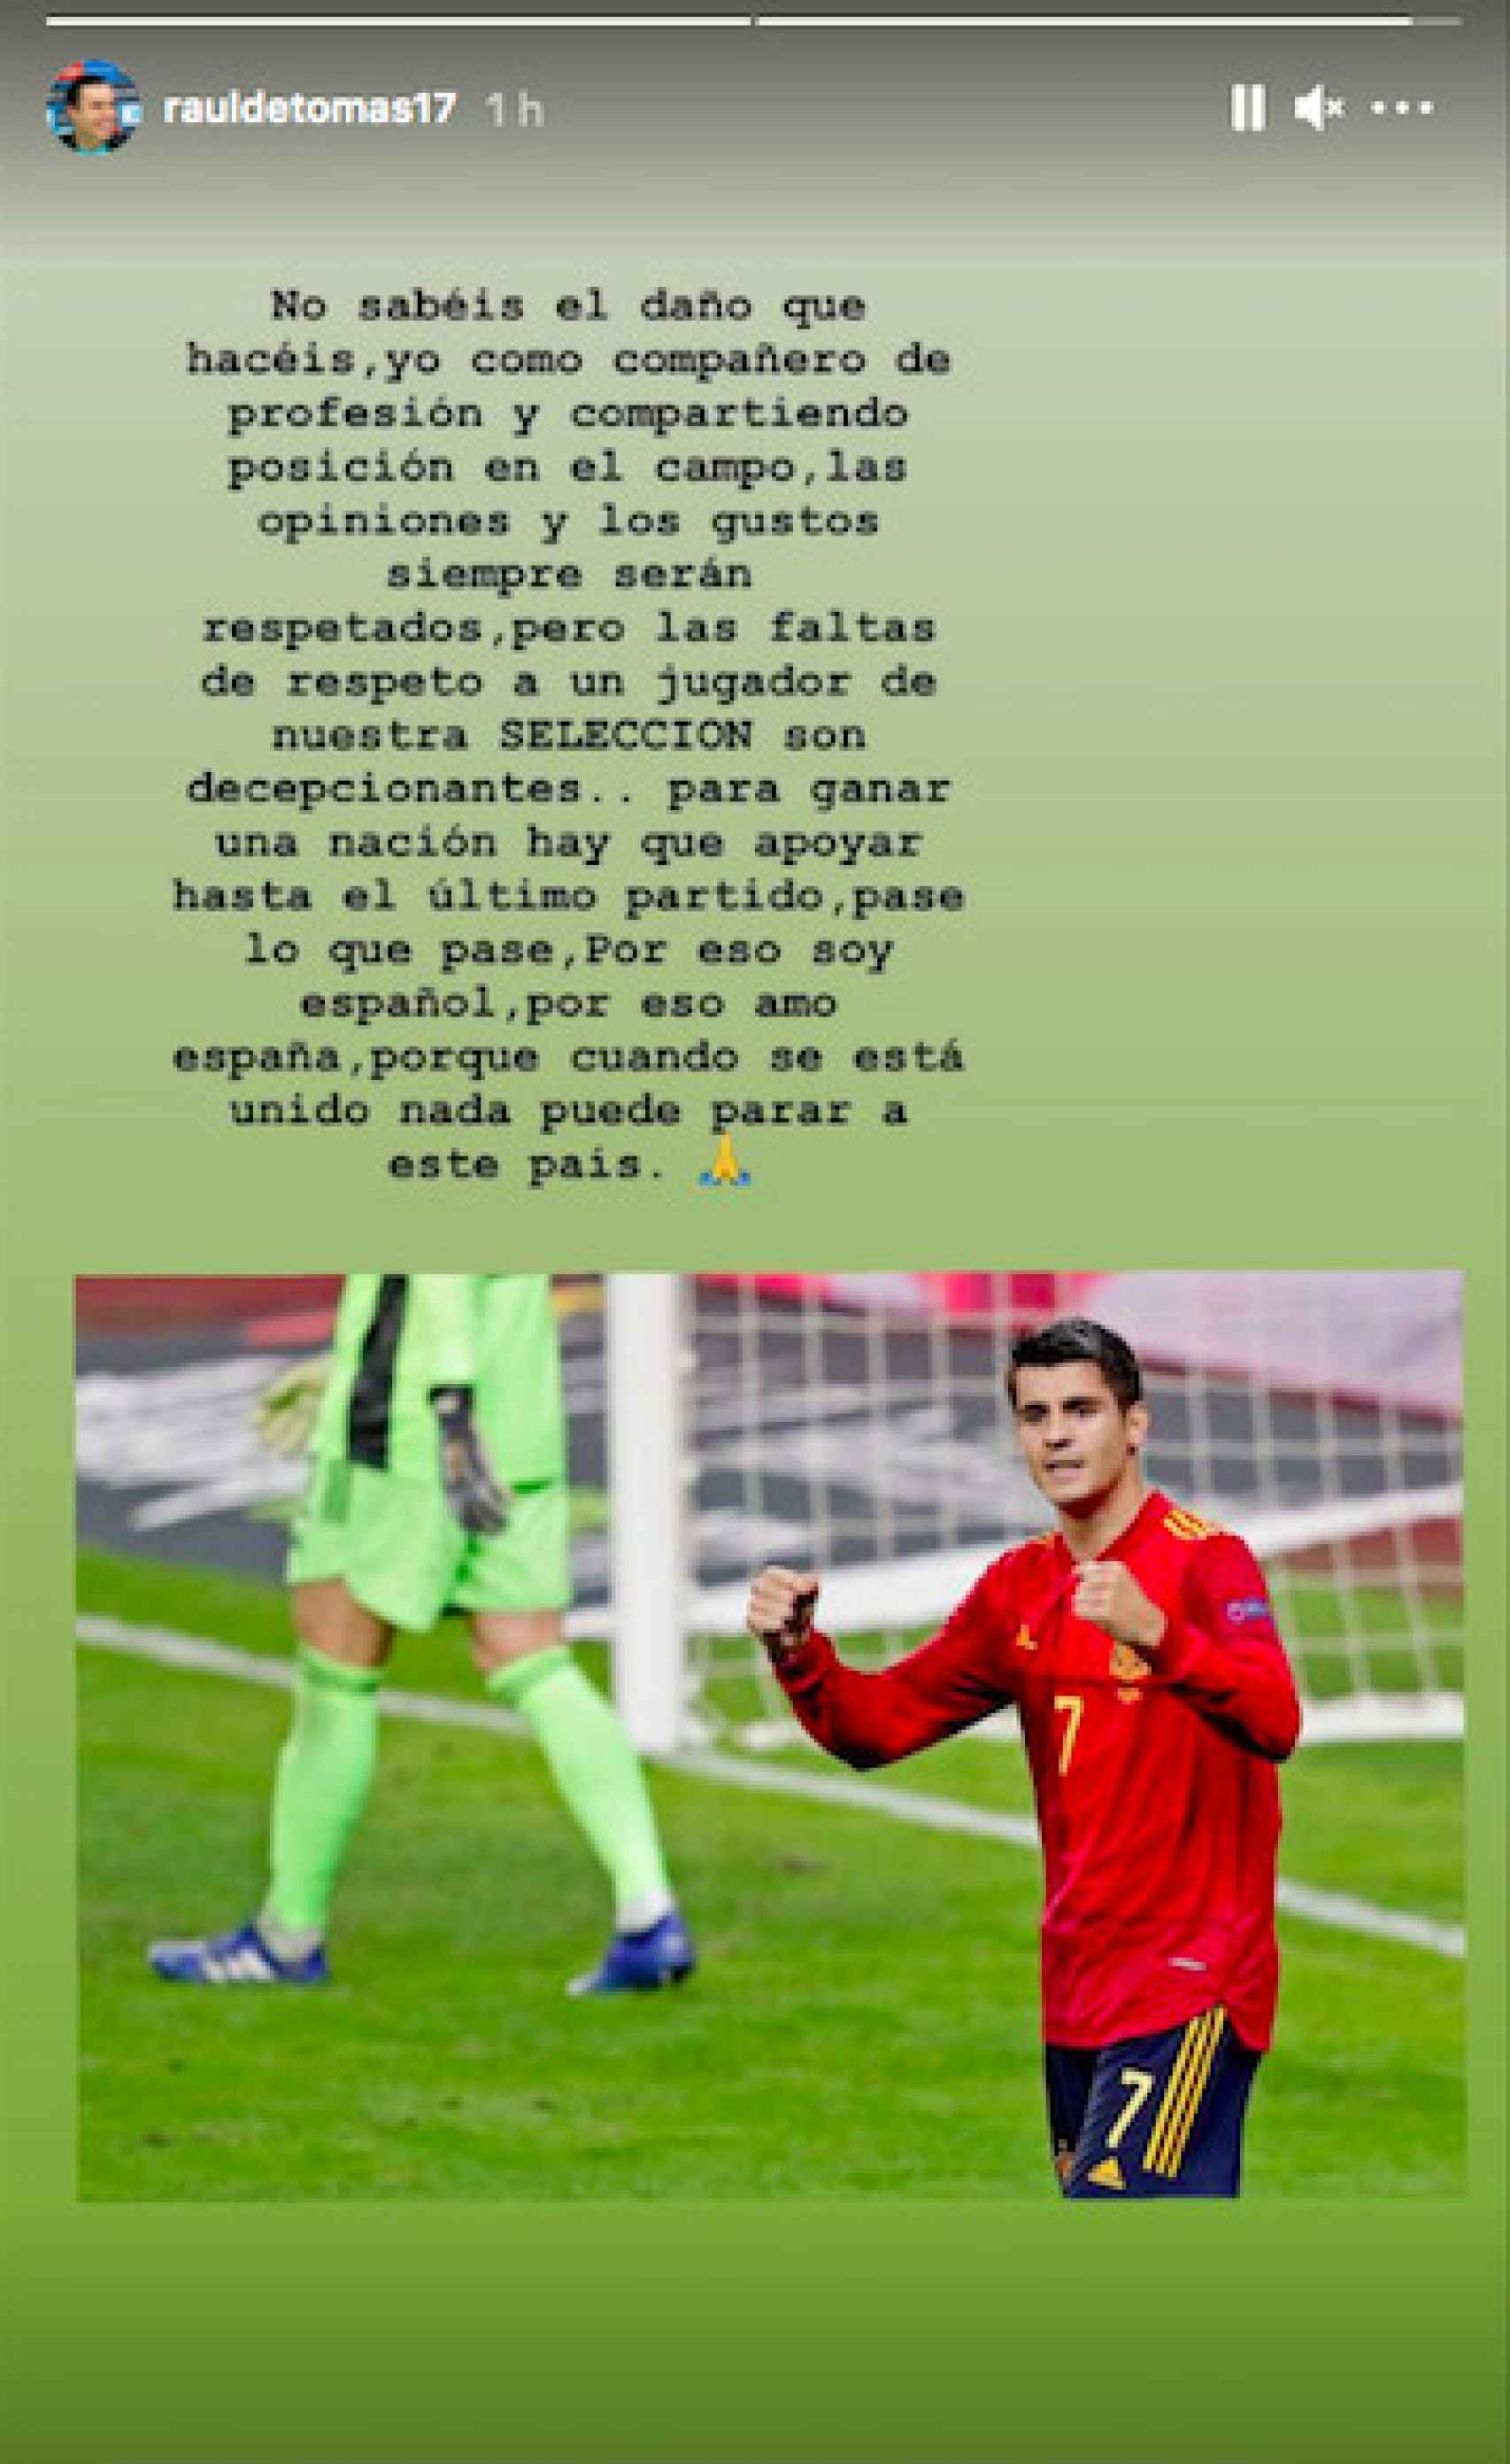 El mensaje de RDT a favor de Morata